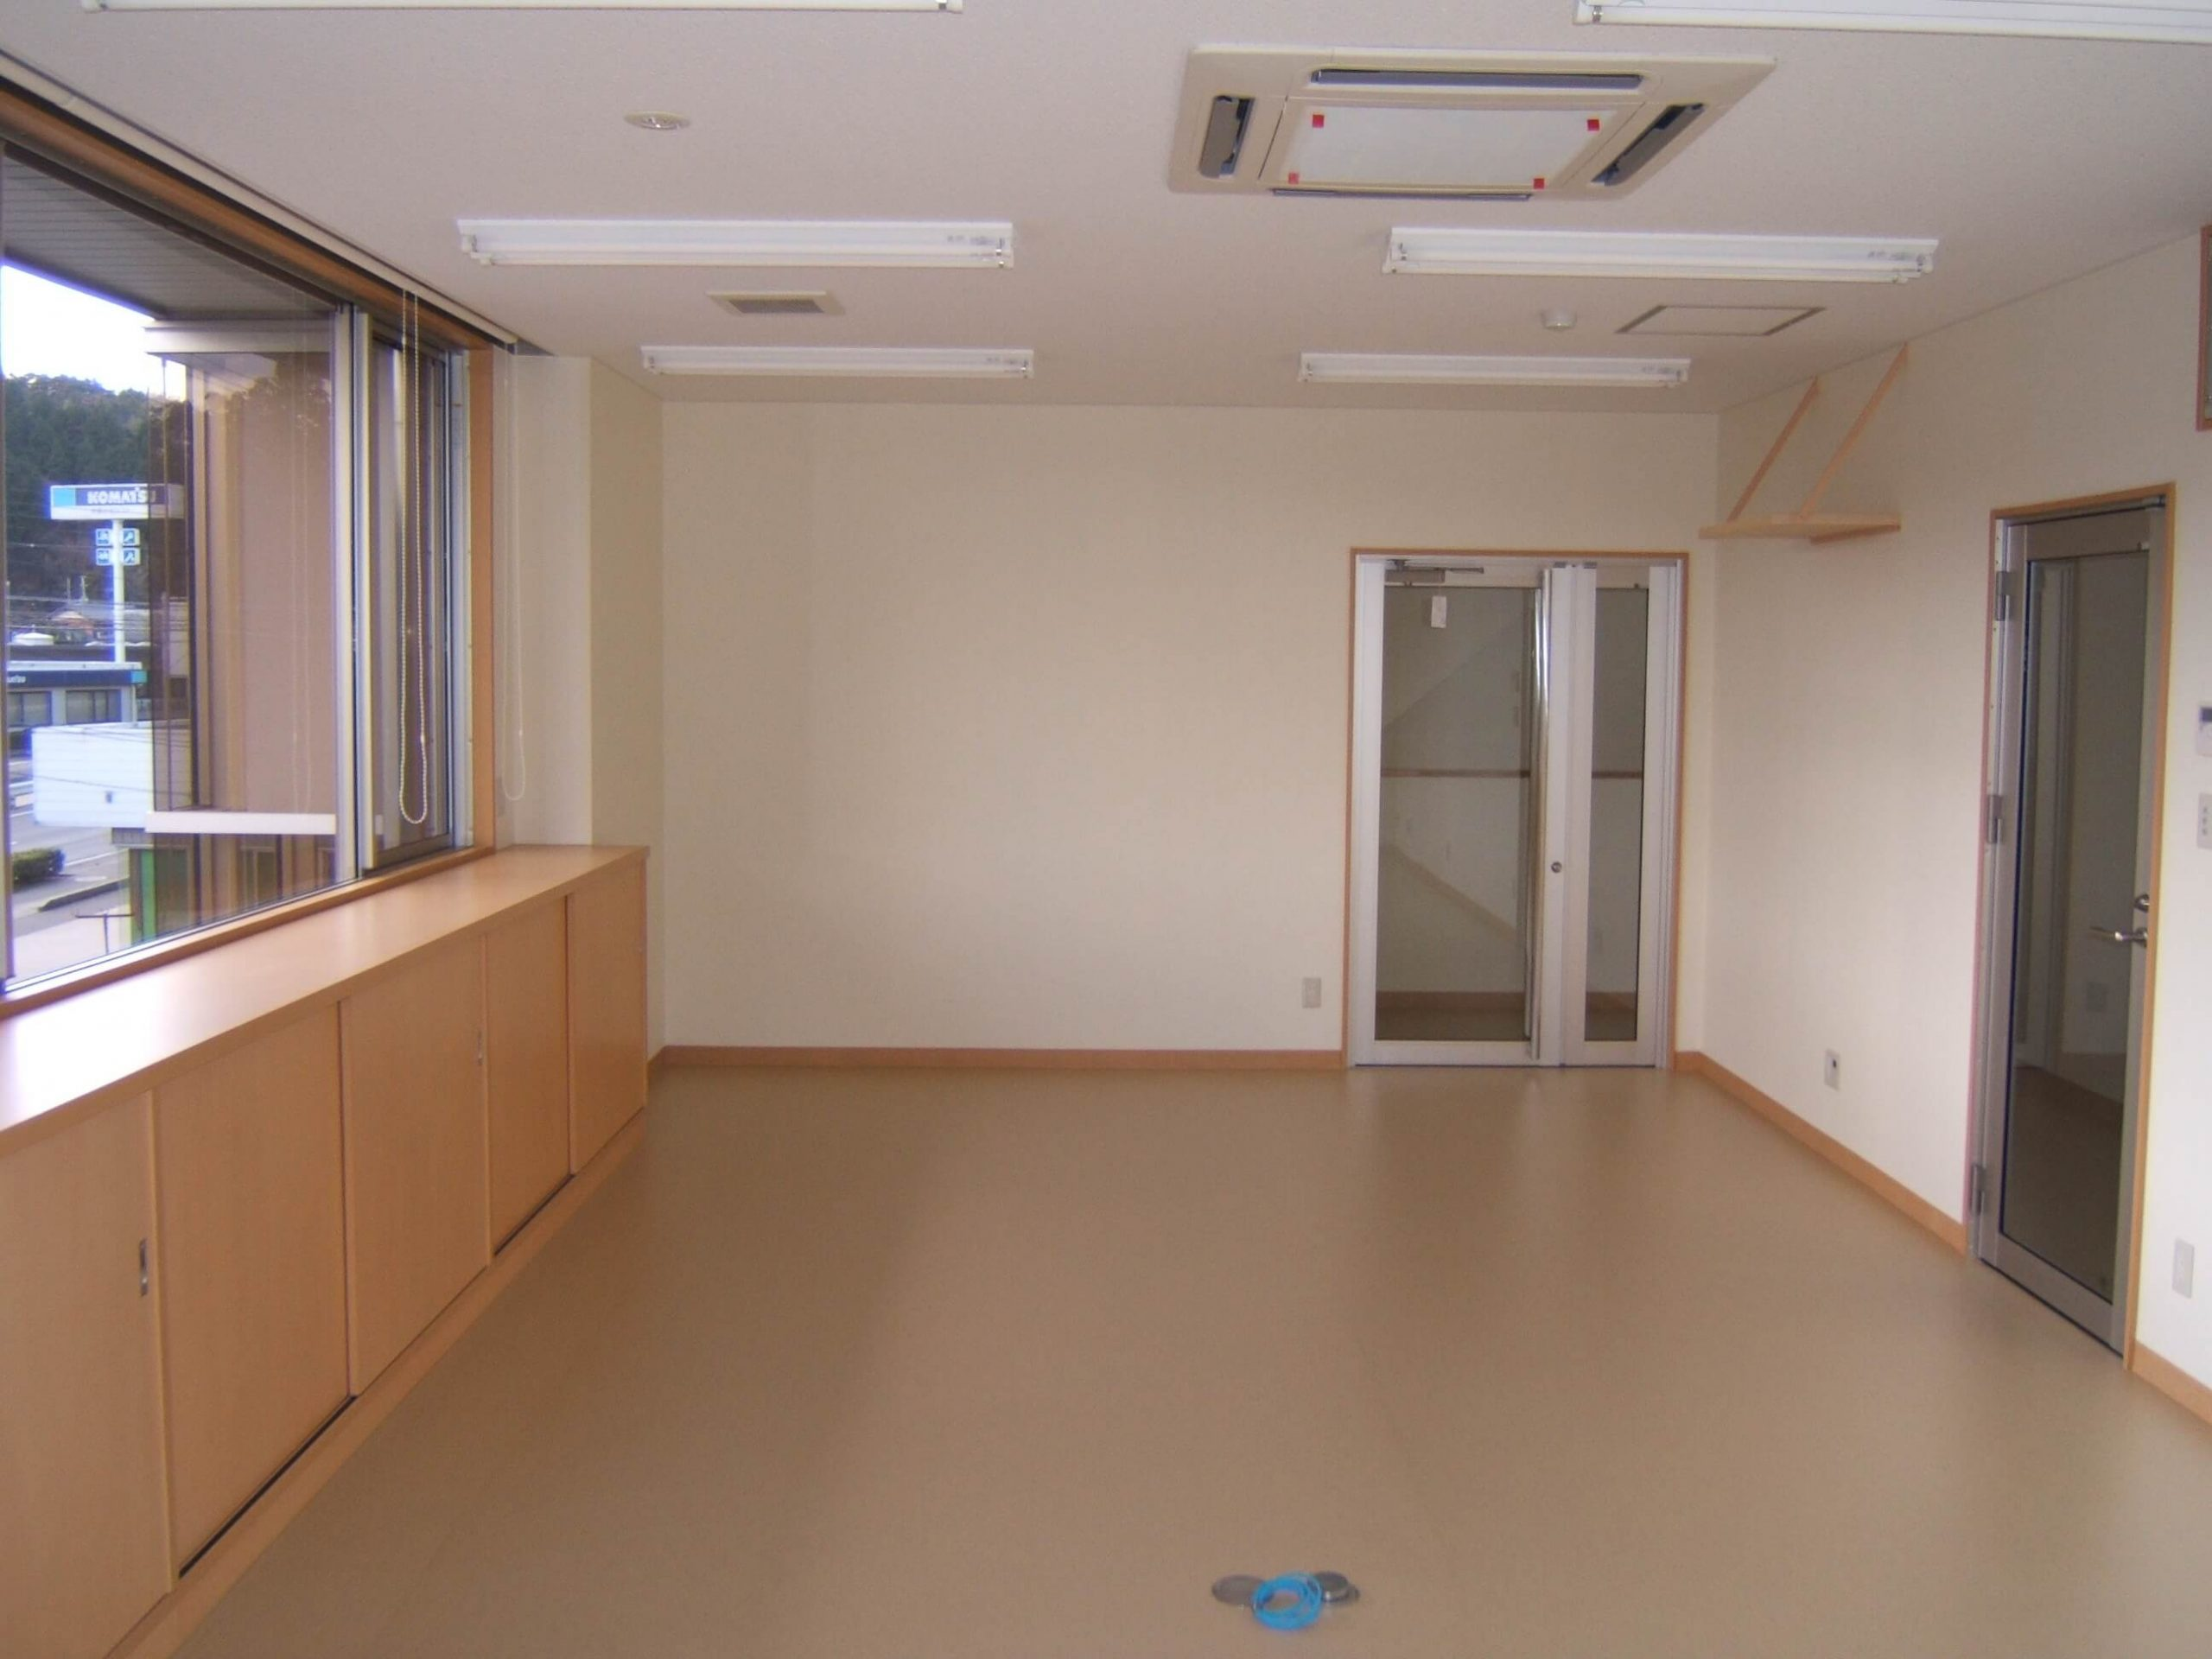 2階事務所の様子